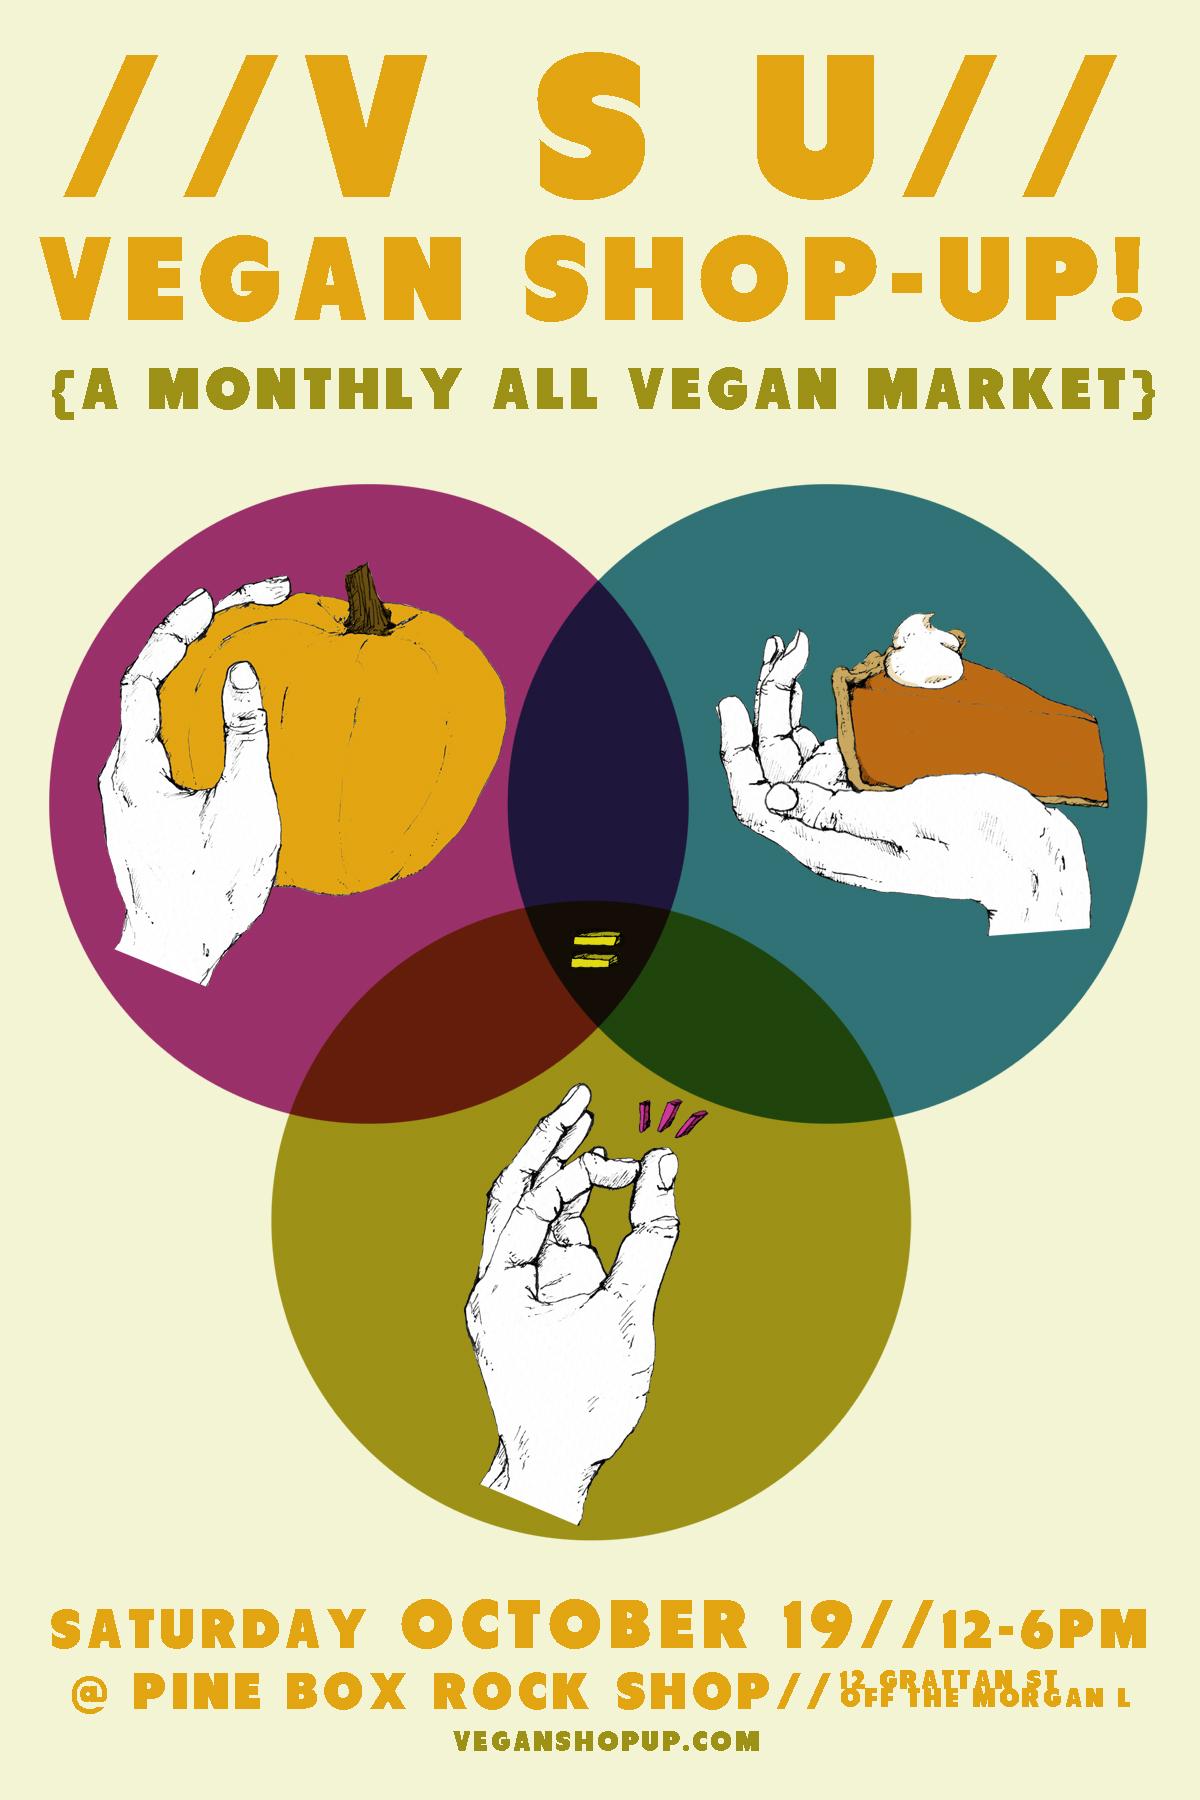 OH SNAP! Vegan Shop-Up! October 19th | Vegan Shop-Up